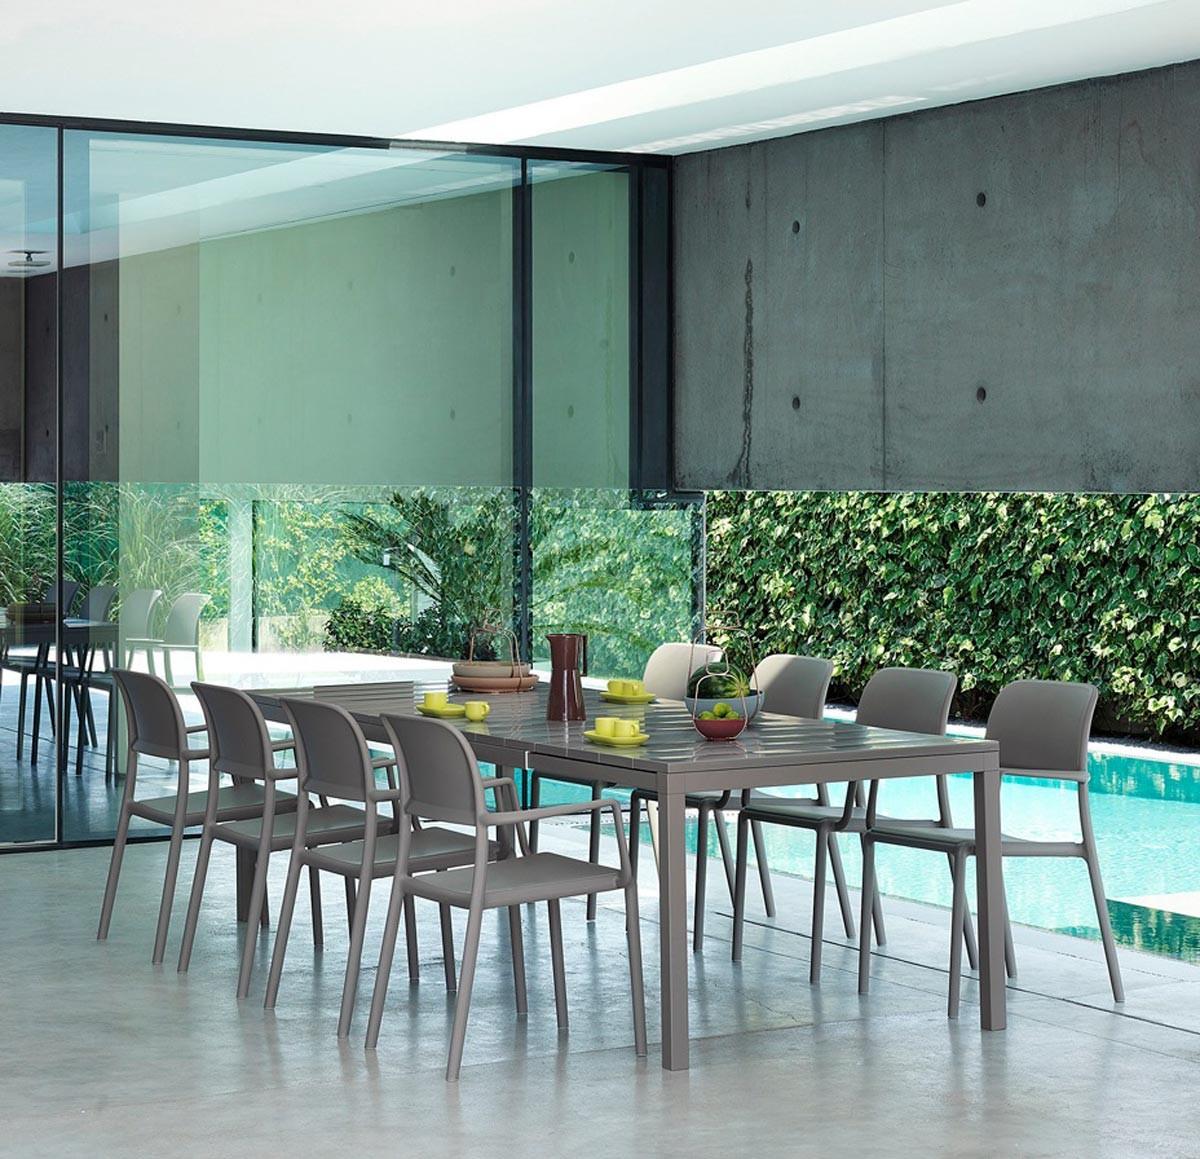 Tavolo da giardino allungabile rio nardi in sconto for Tavolo allungabile giardino